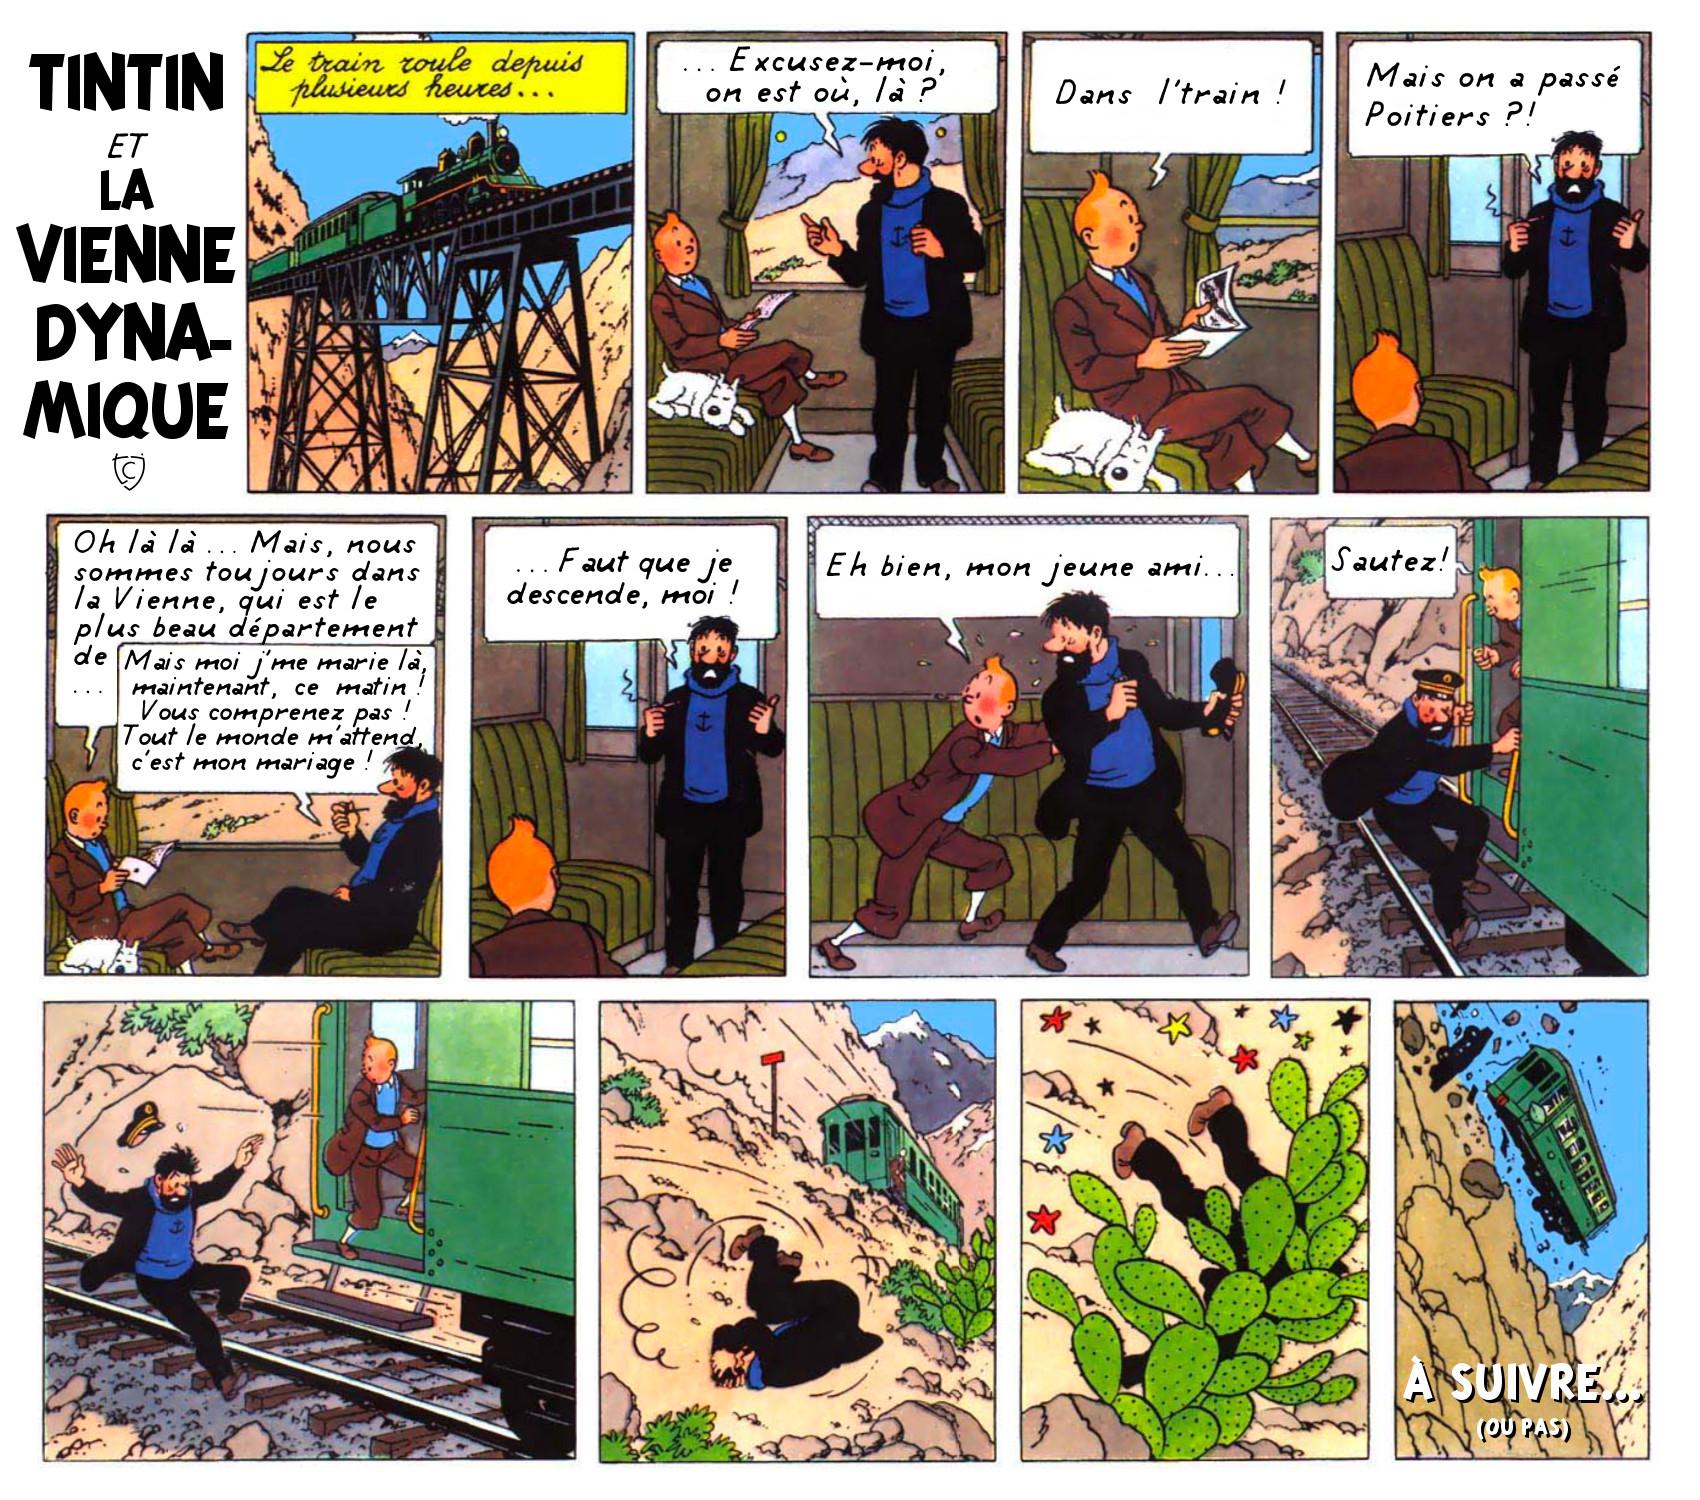 La Vienne Dynamique (Pavillon de la Vienne) · 1994 - Page 64 Tintin-et-La-Vienne-Dynamique